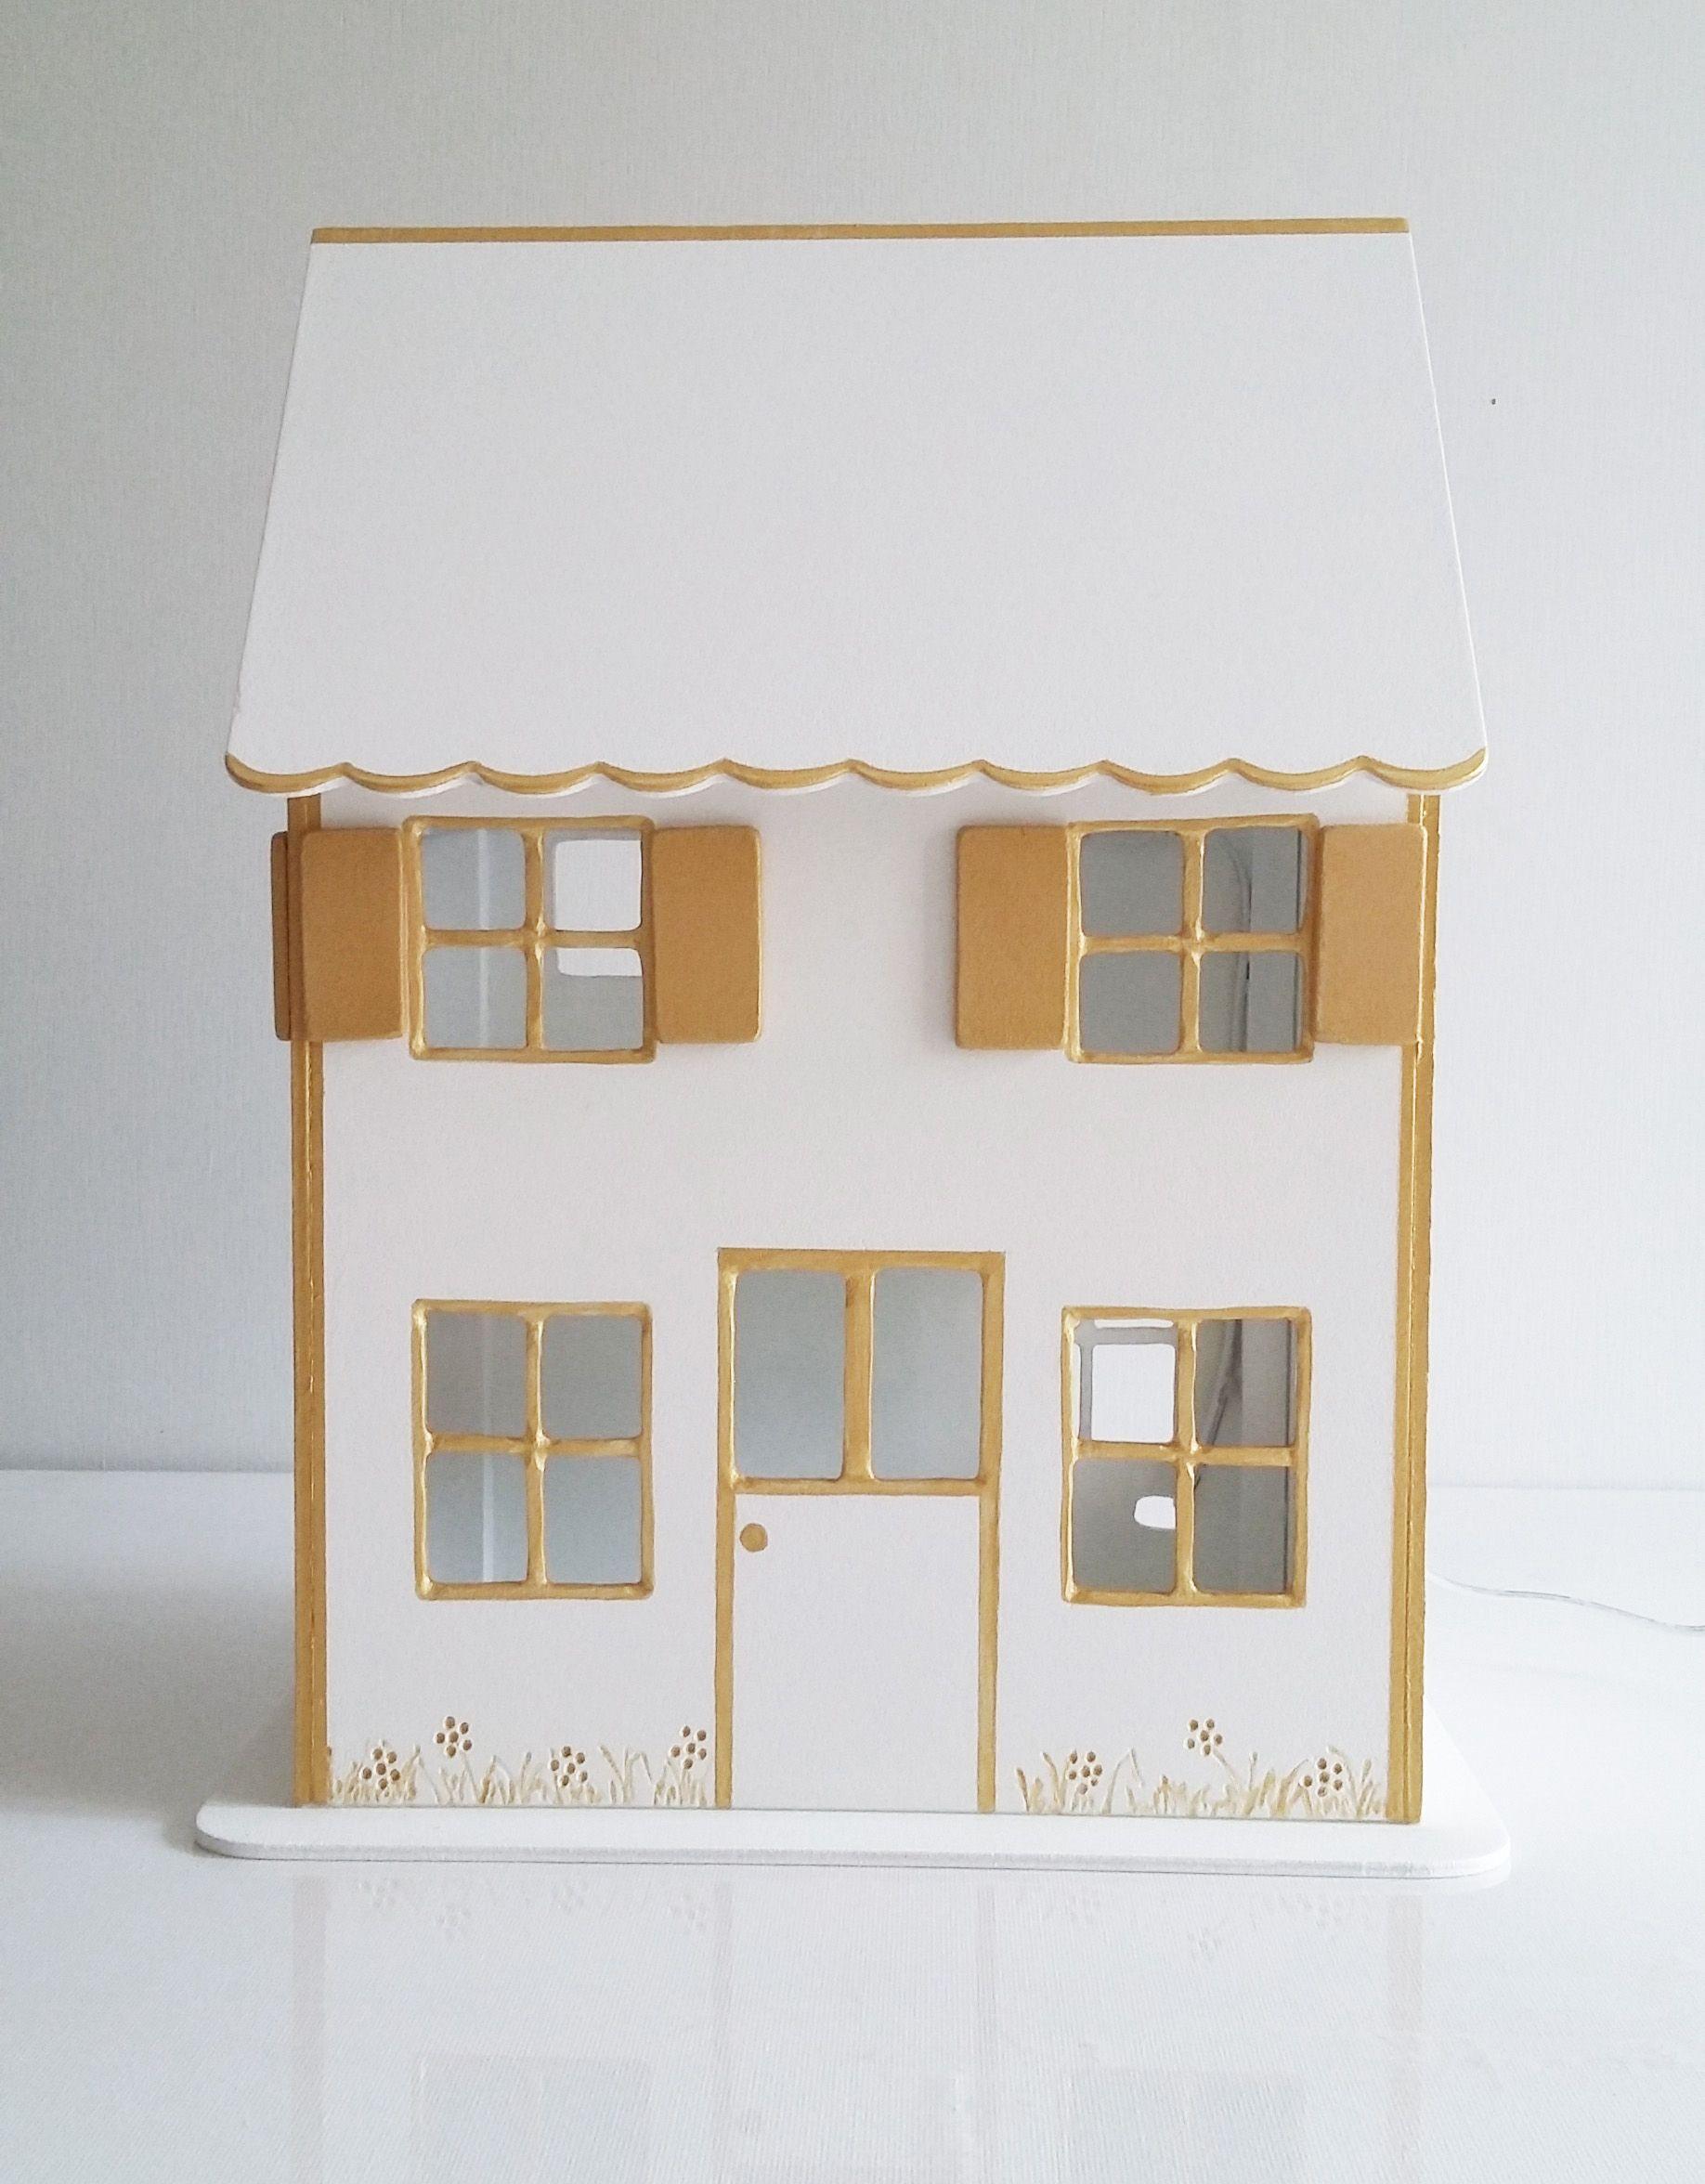 Maisonnette veilleuse en bois, pour chambre d'enfant. Eclairage led. dimensions: 24*30*16 cm